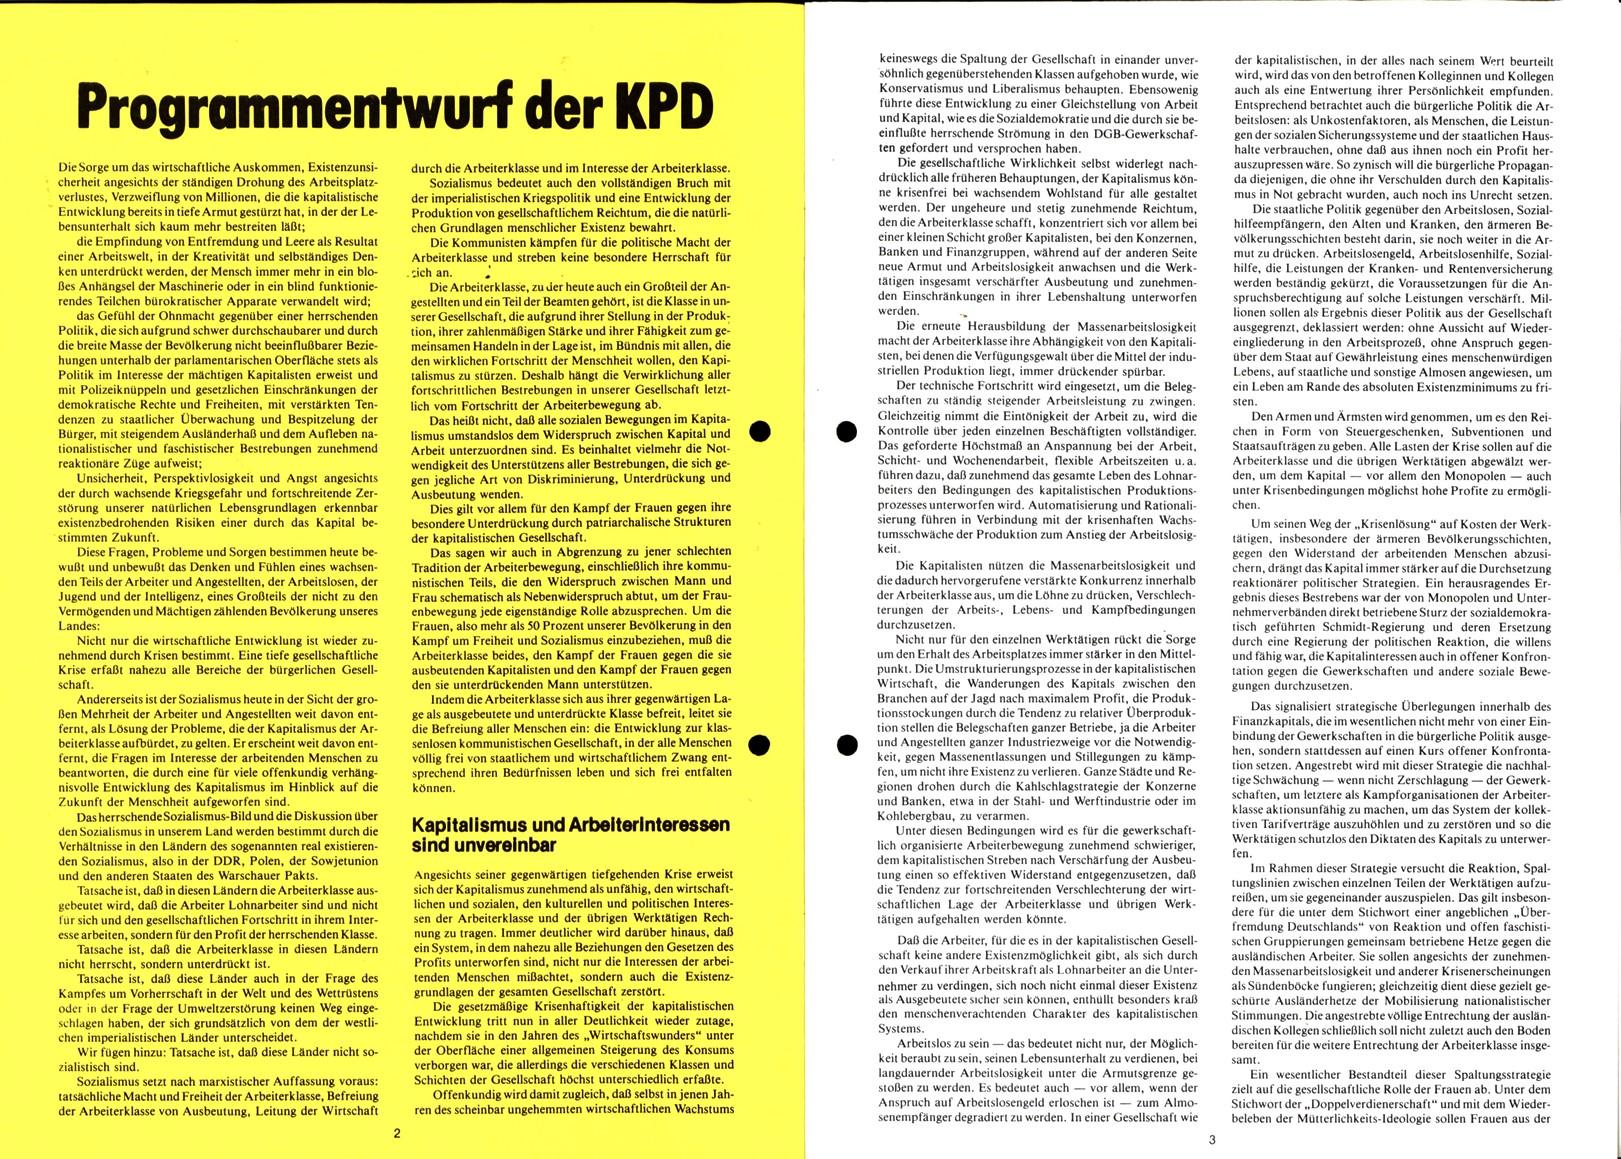 KPDML_1985_Dokumente_vom_Sonderparteitag_02